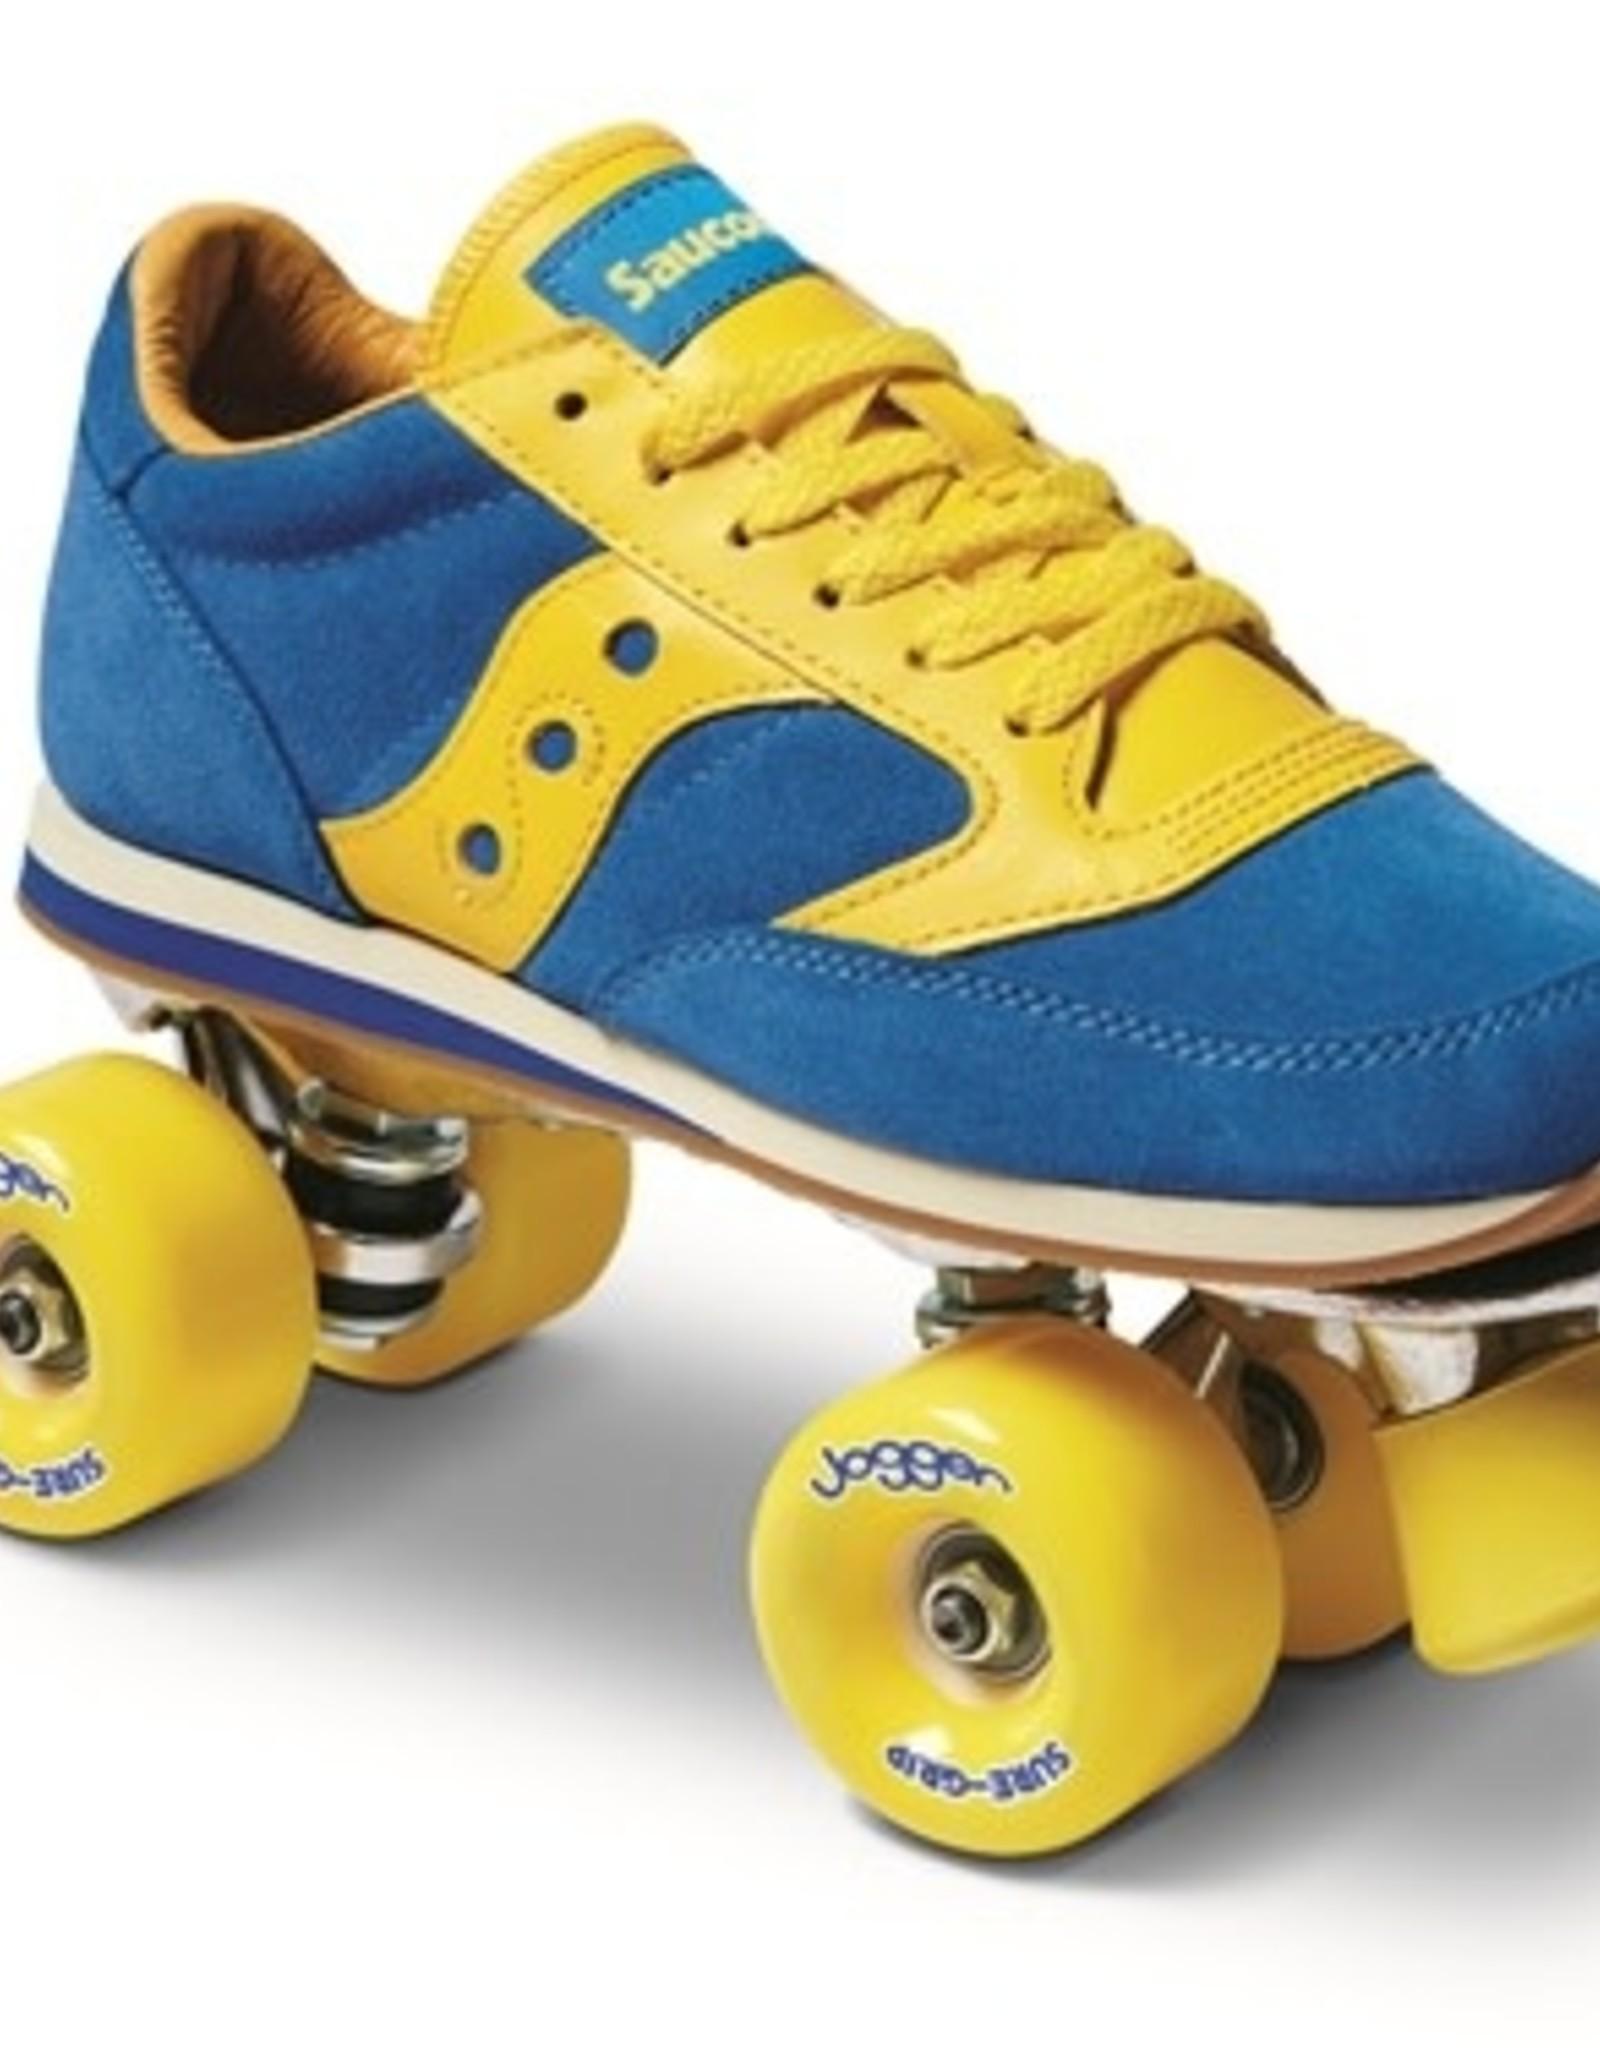 Sure Grip Sure Grip x Saucony Jogger Skate Package